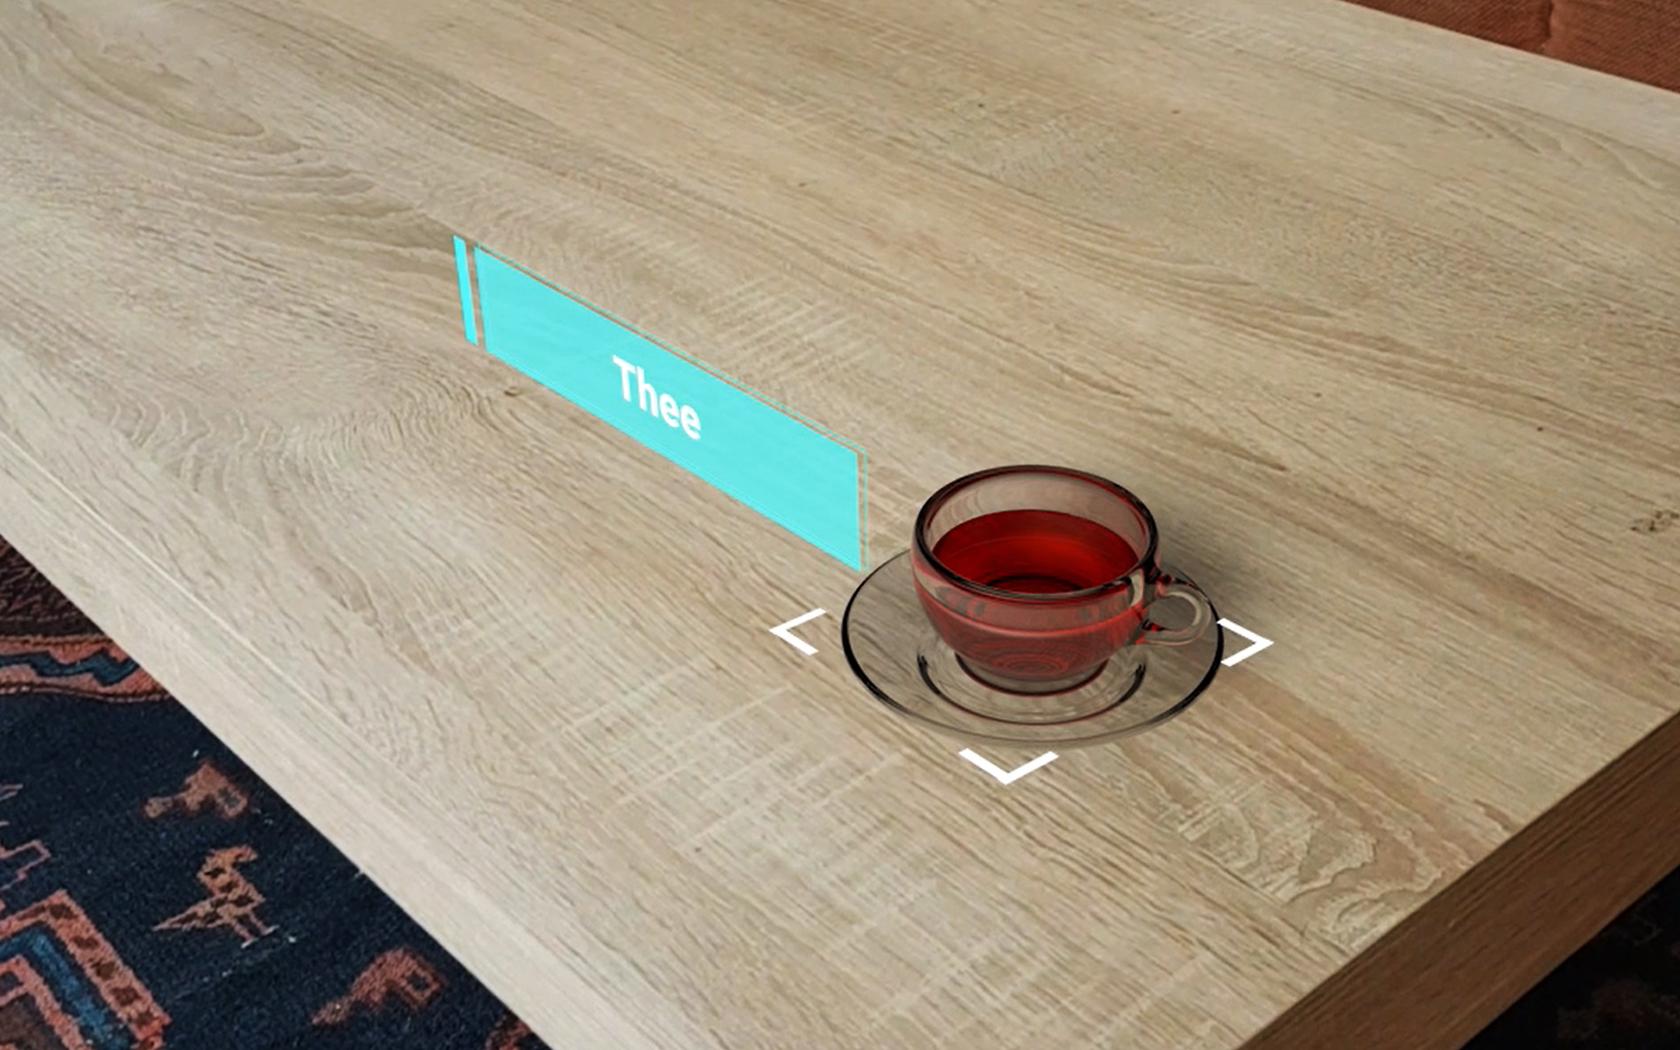 Virtueel Thee Zetten - 3D & Motion Tracking